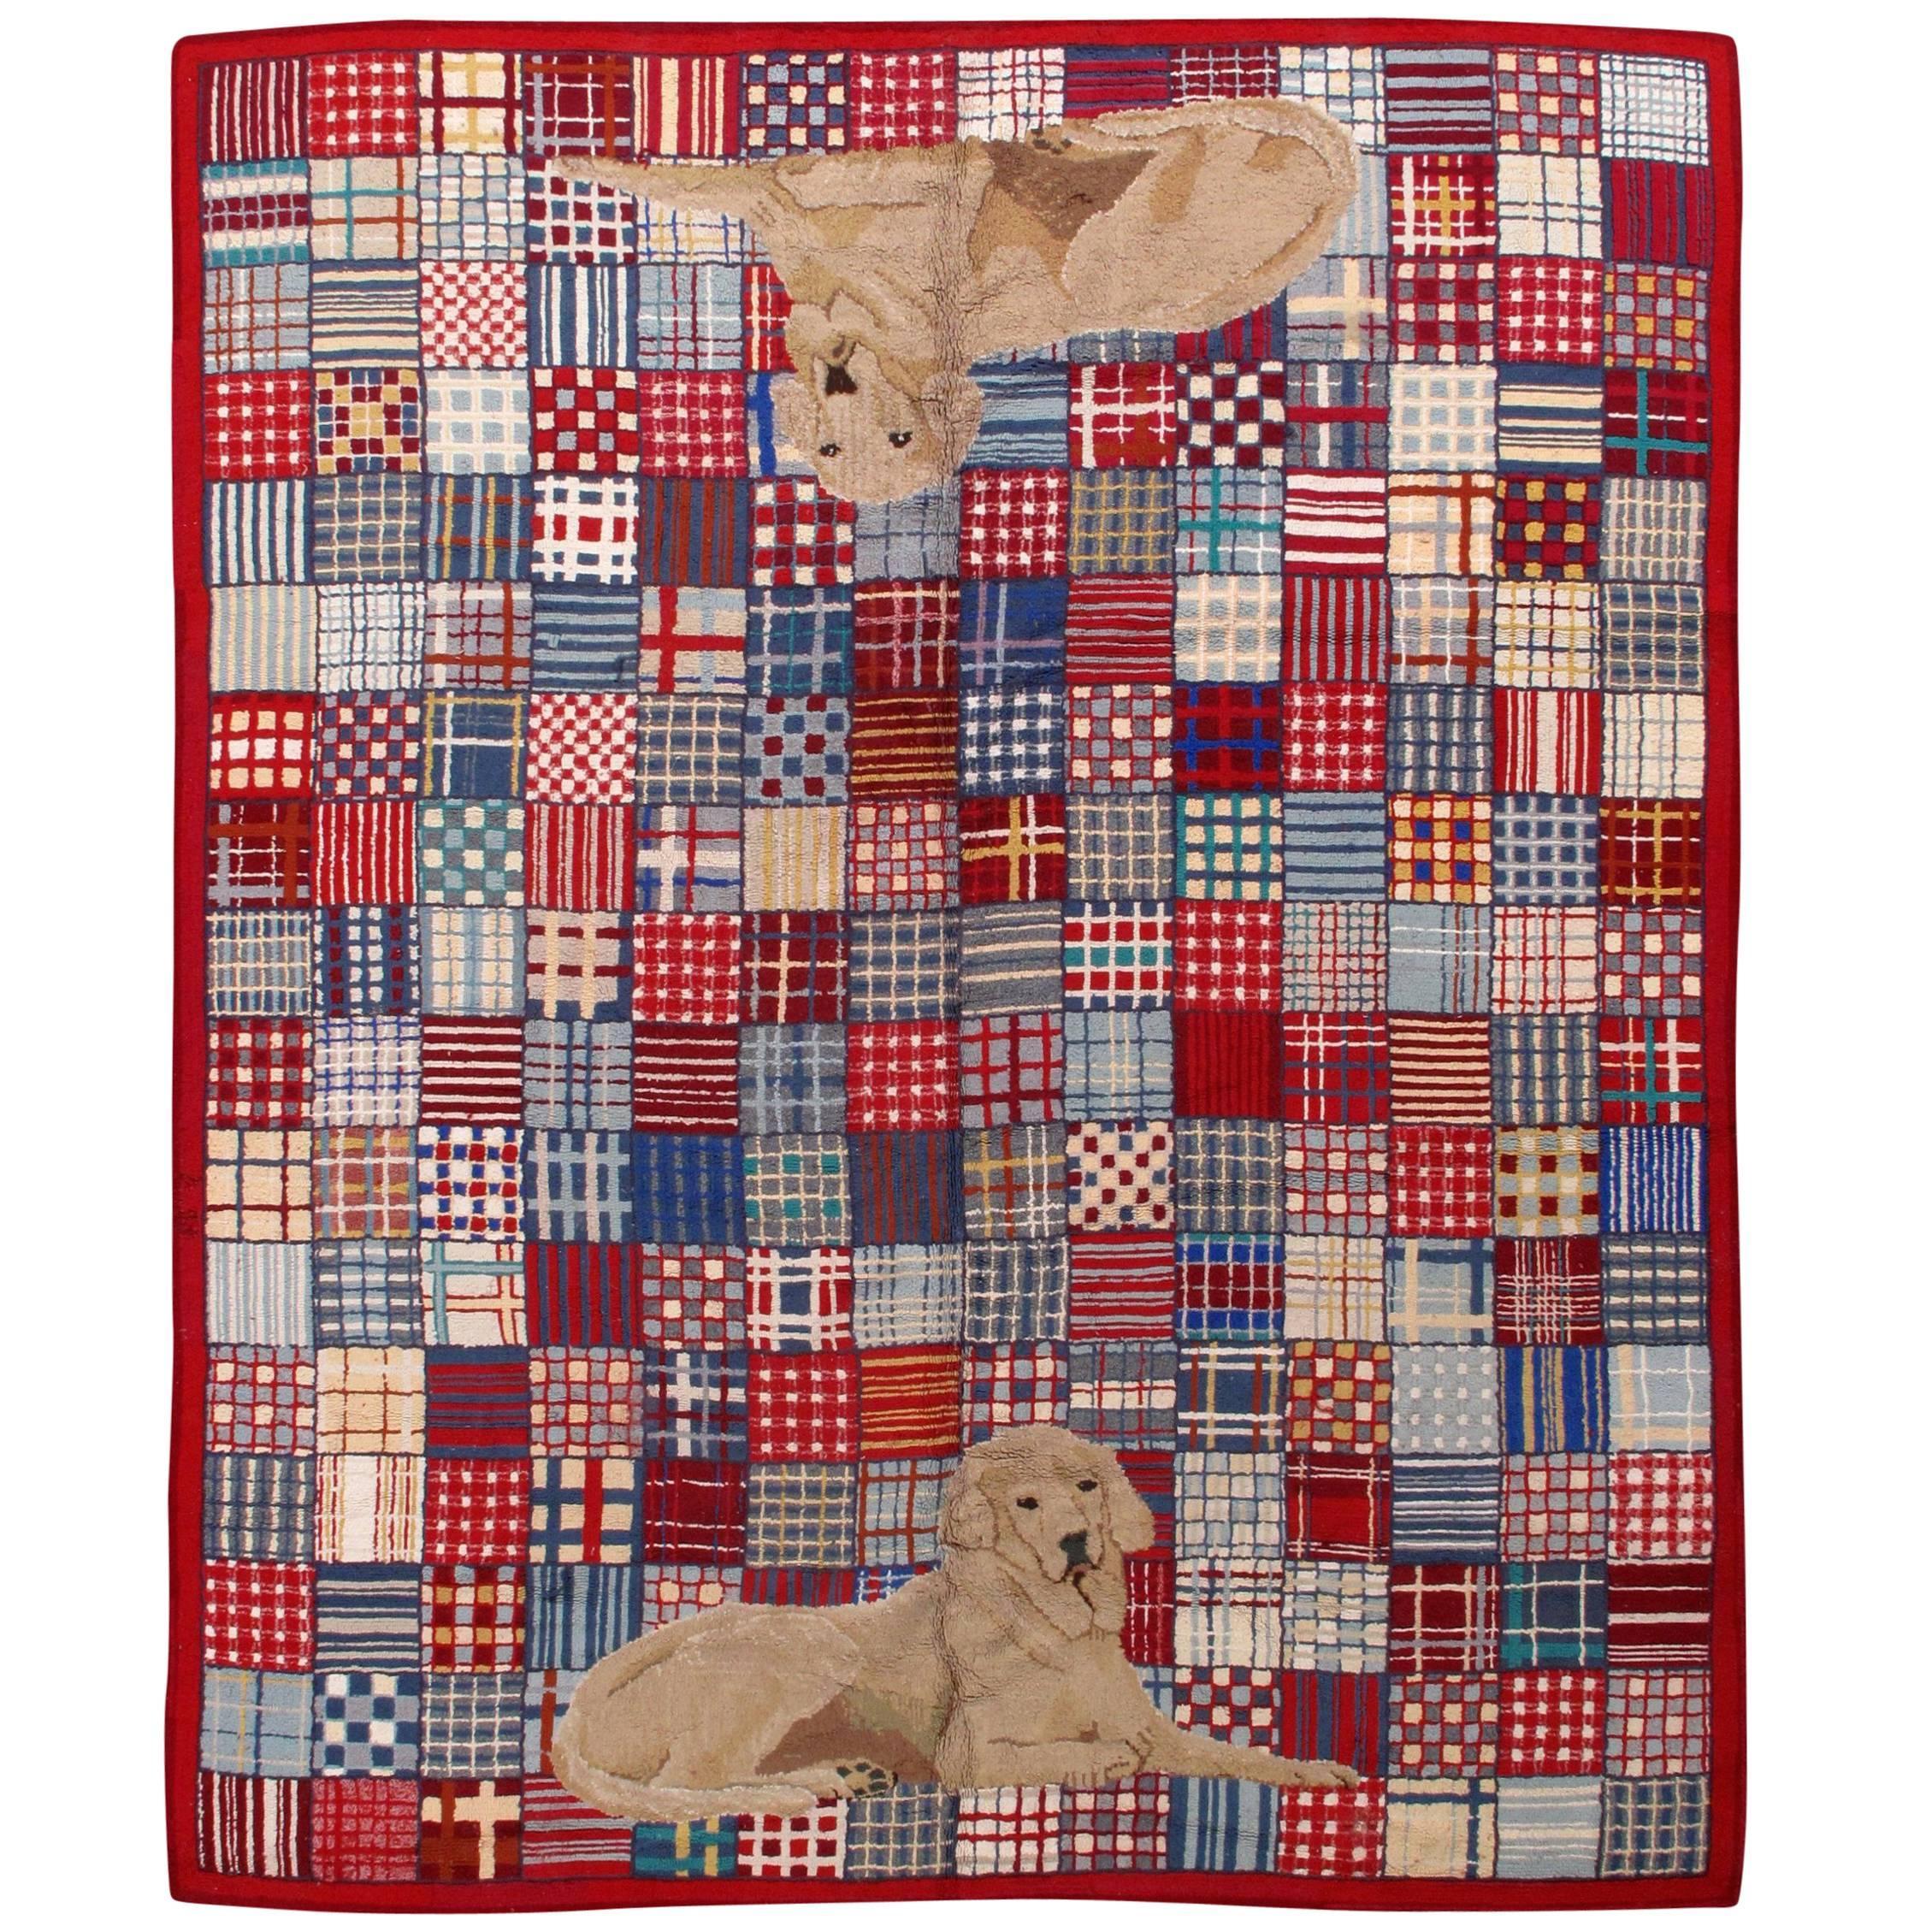 Handmade Vintage American Hooked Rug, 1960s, 1B50